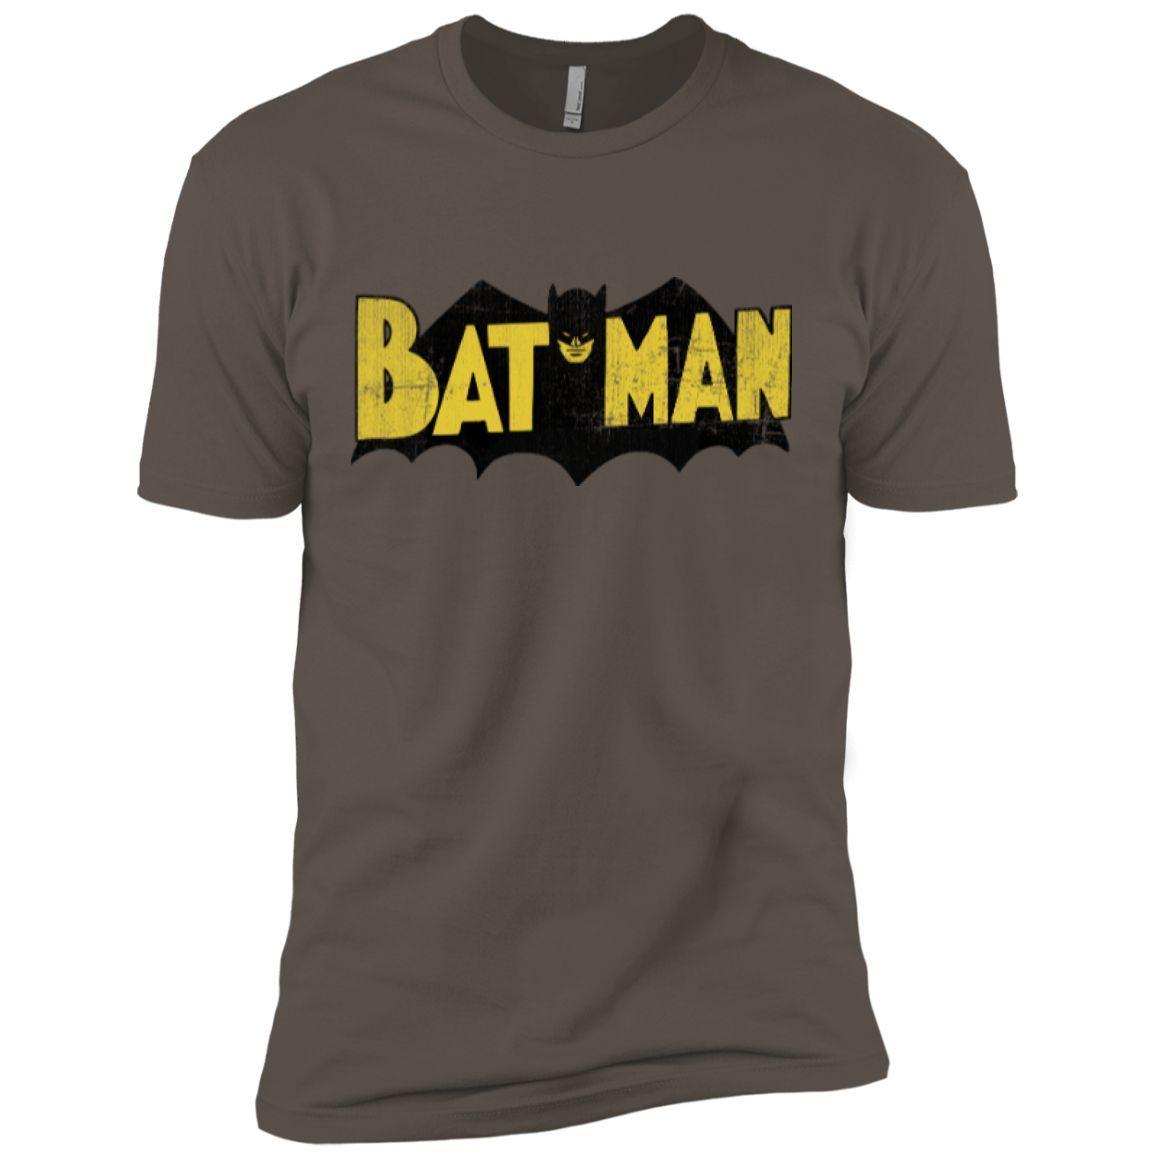 Vintage Batman Logo Next Level Premium Short Sleeve Tee